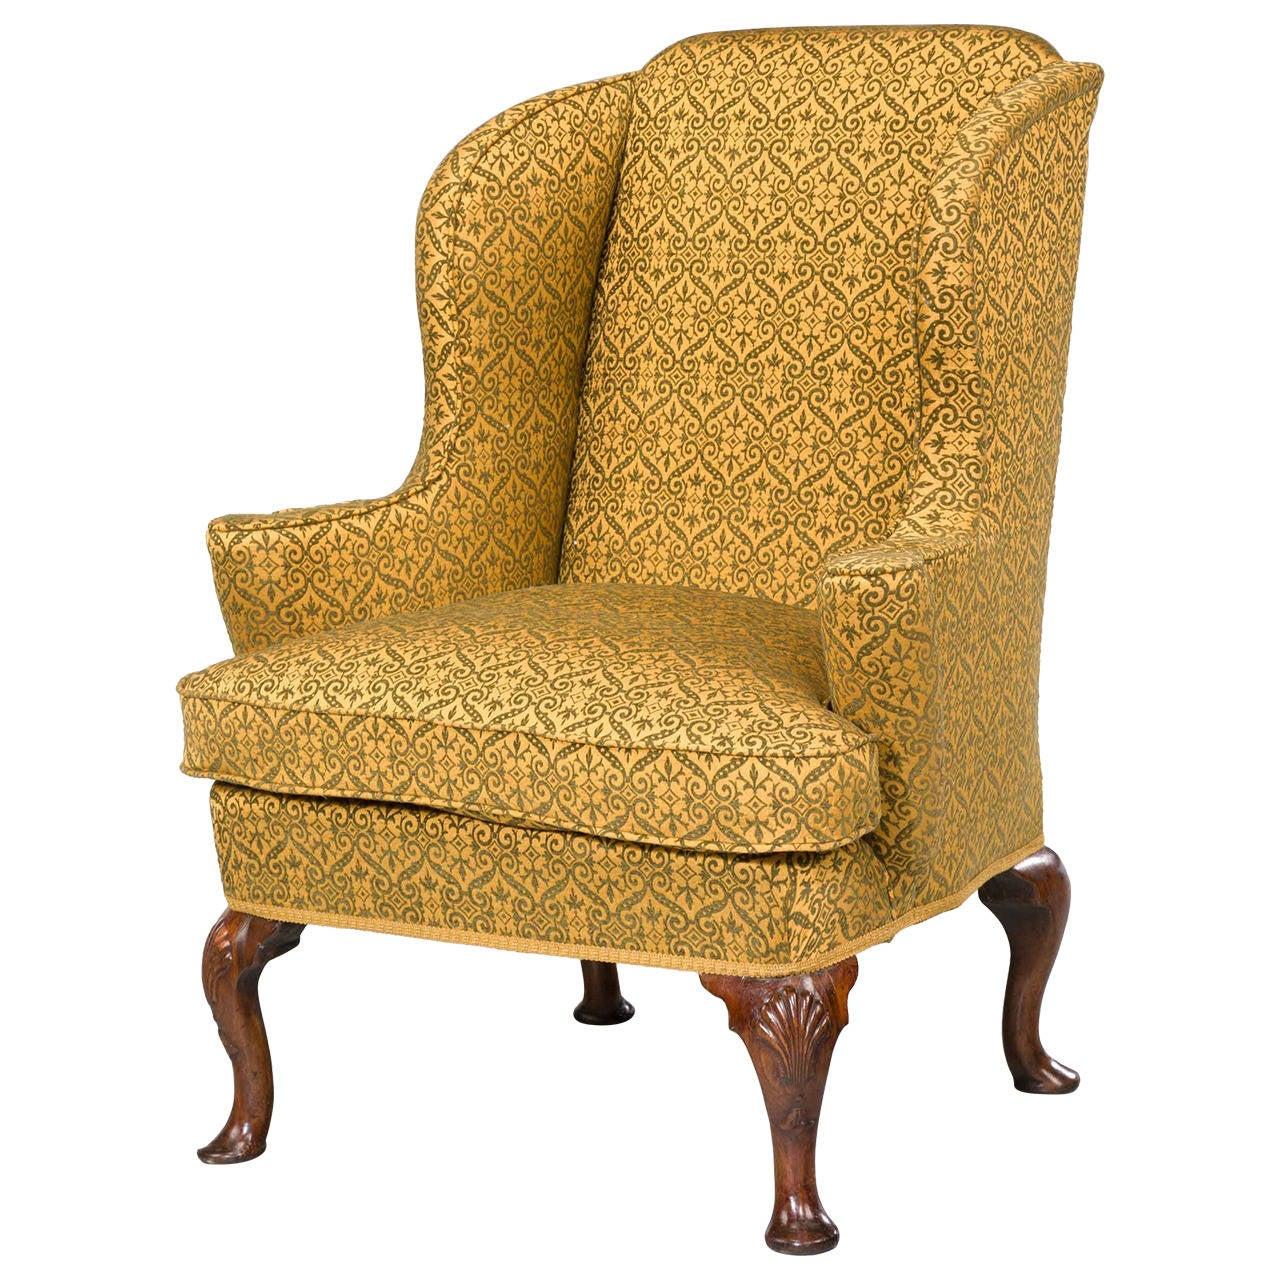 George I Period Walnut Wing Chair At 1stdibs